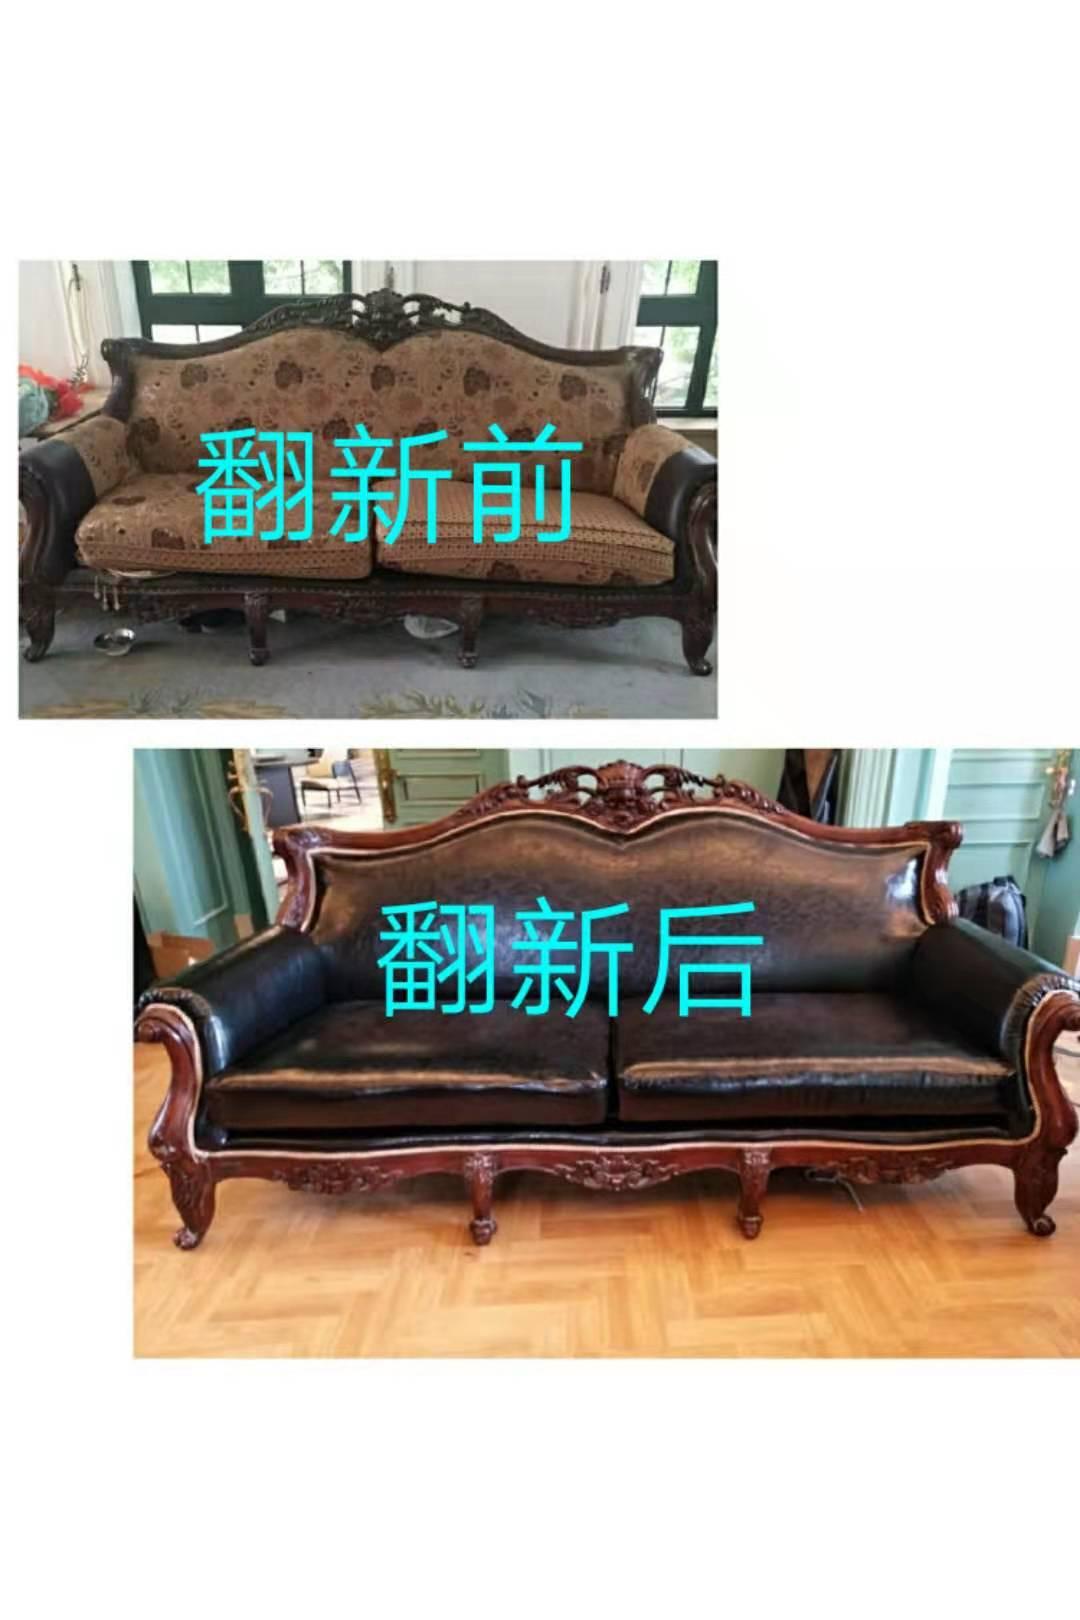 重庆永发厂家告诉你沙发如何翻新